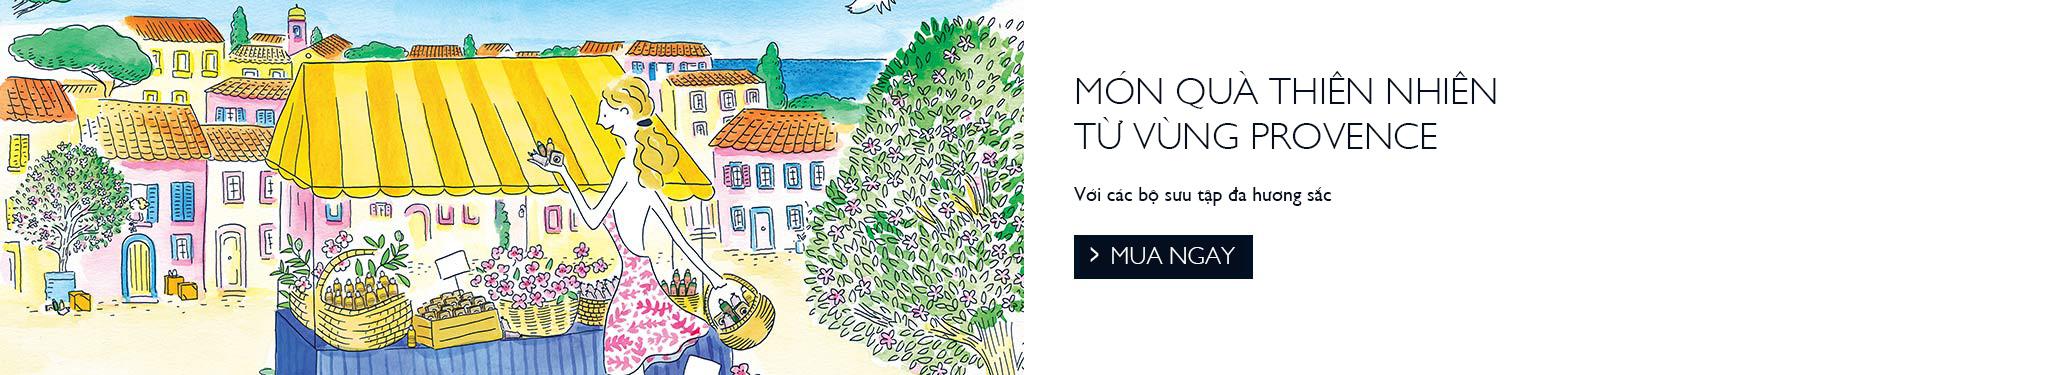 Món quà Thiên nhiên từ Provence